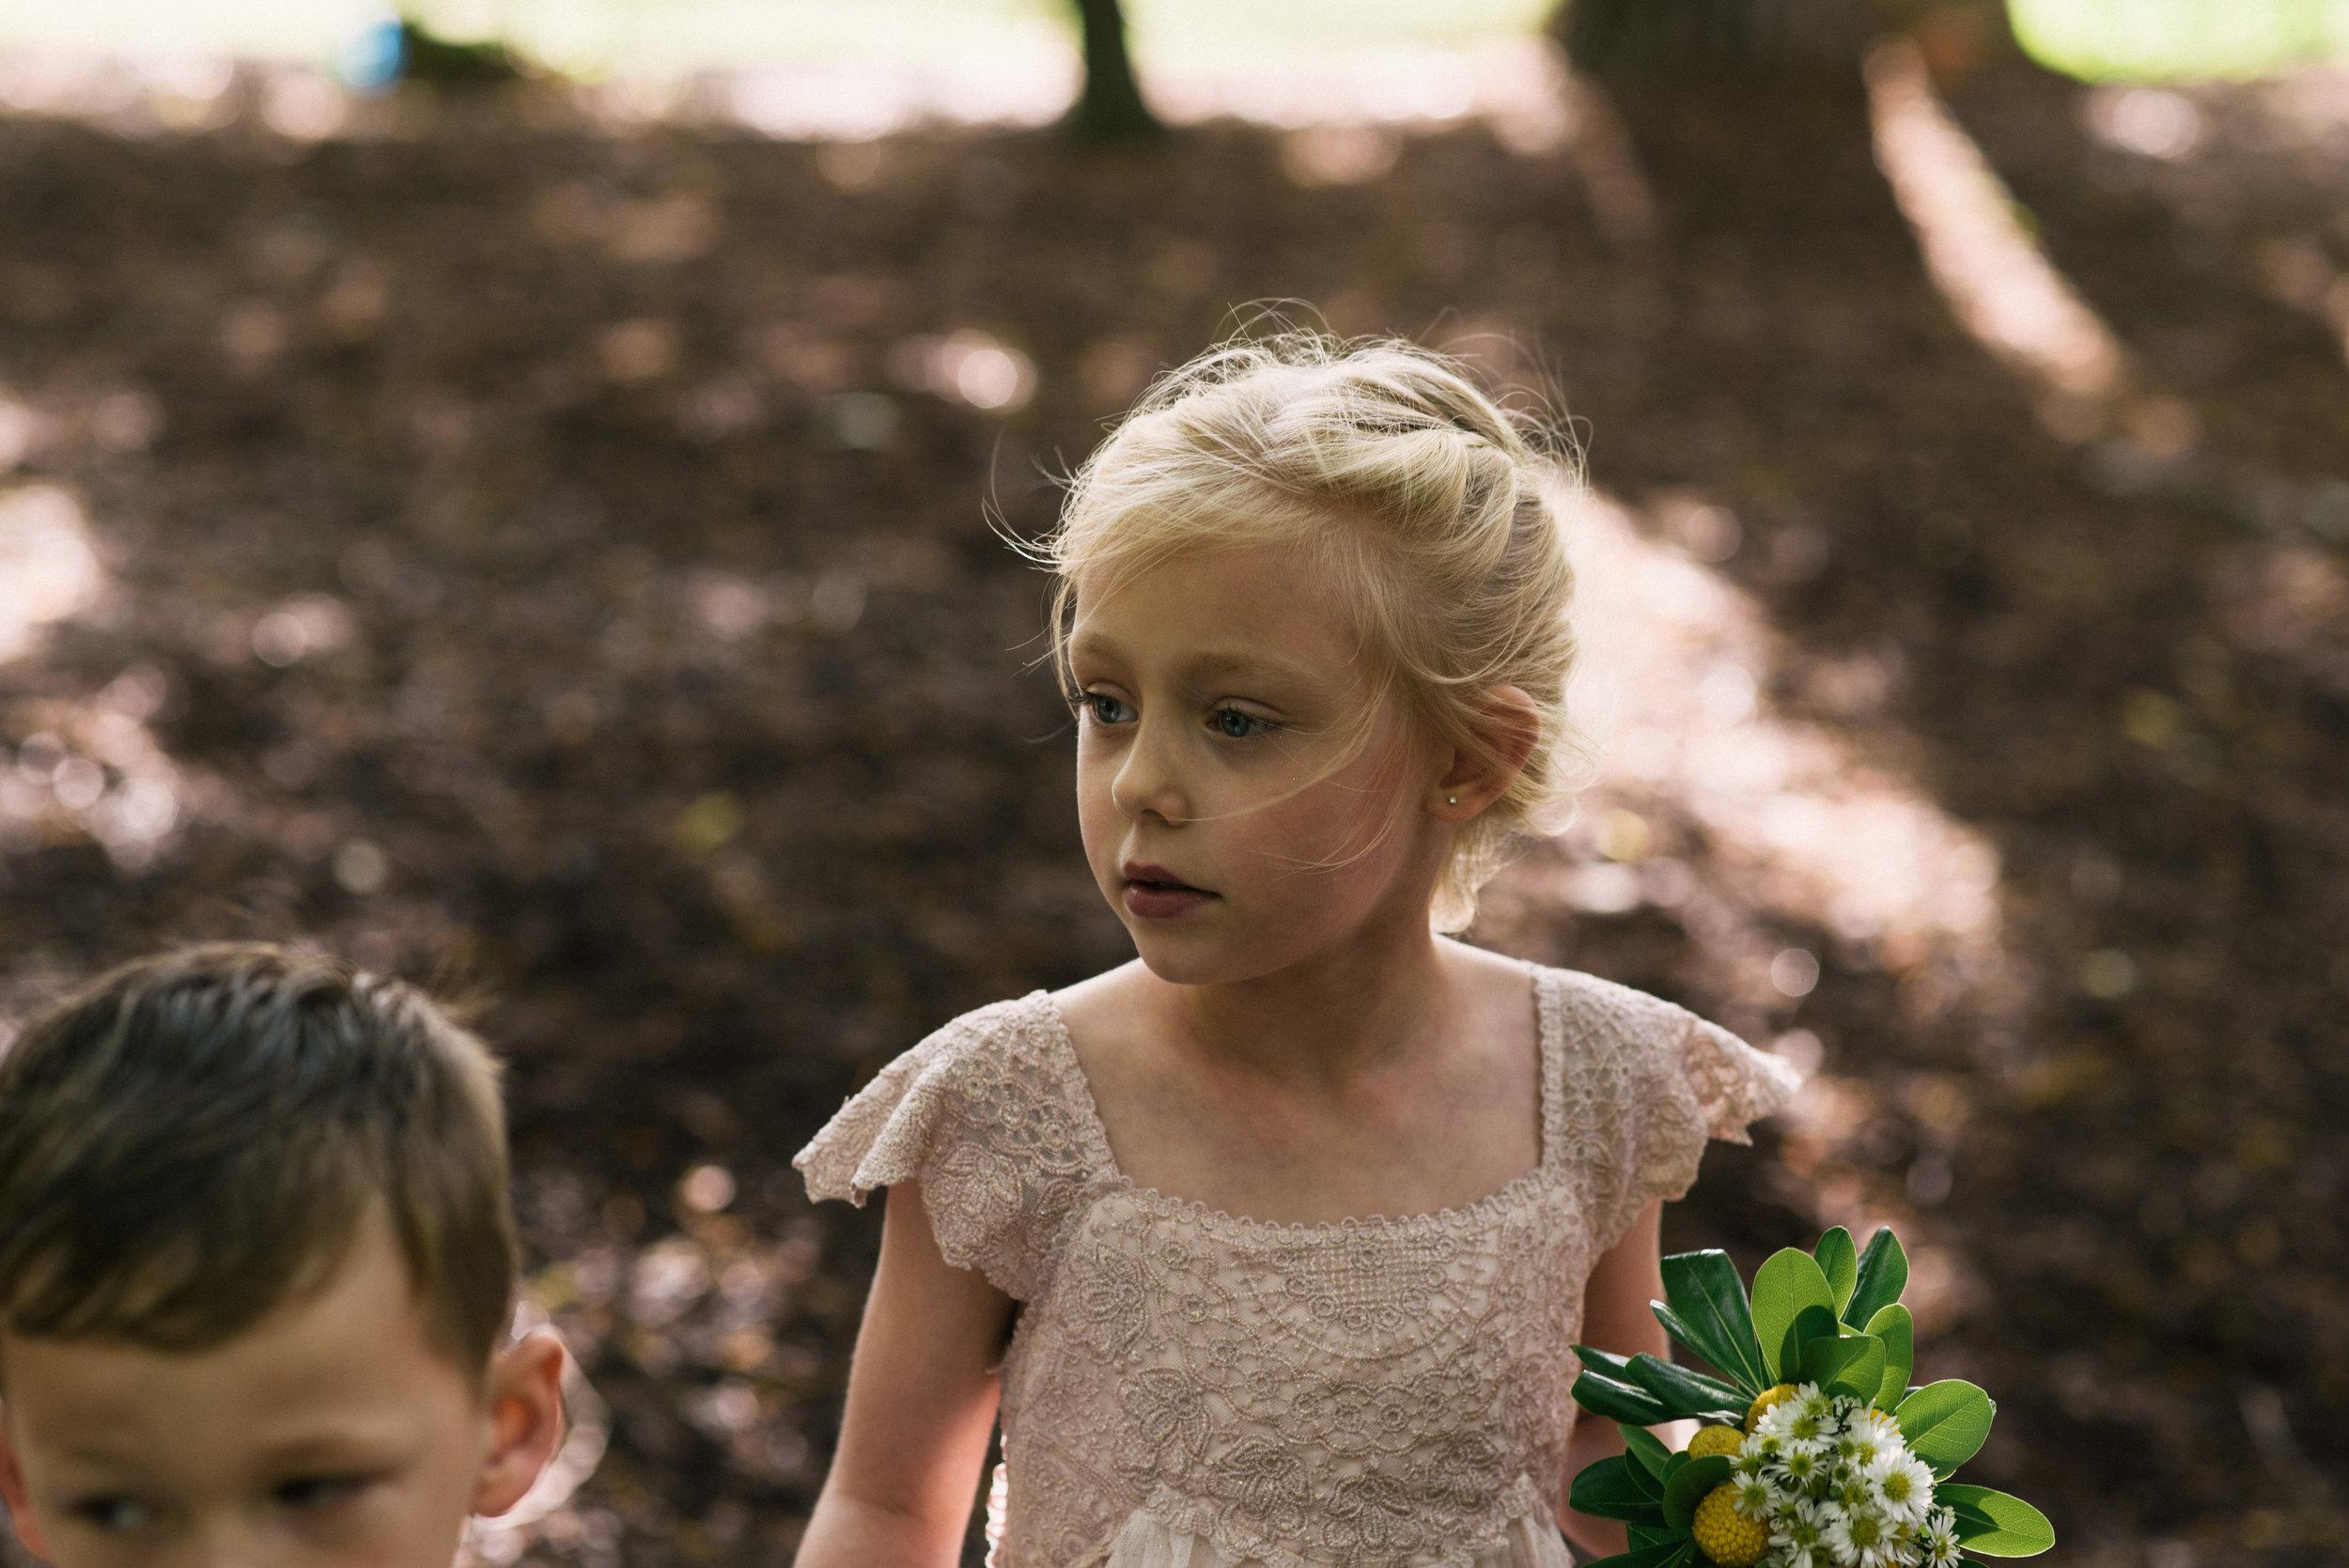 raleigh-elopement-photographer-raleigh-durham-wedding-maddie-and-devin- (91 of 162).jpg